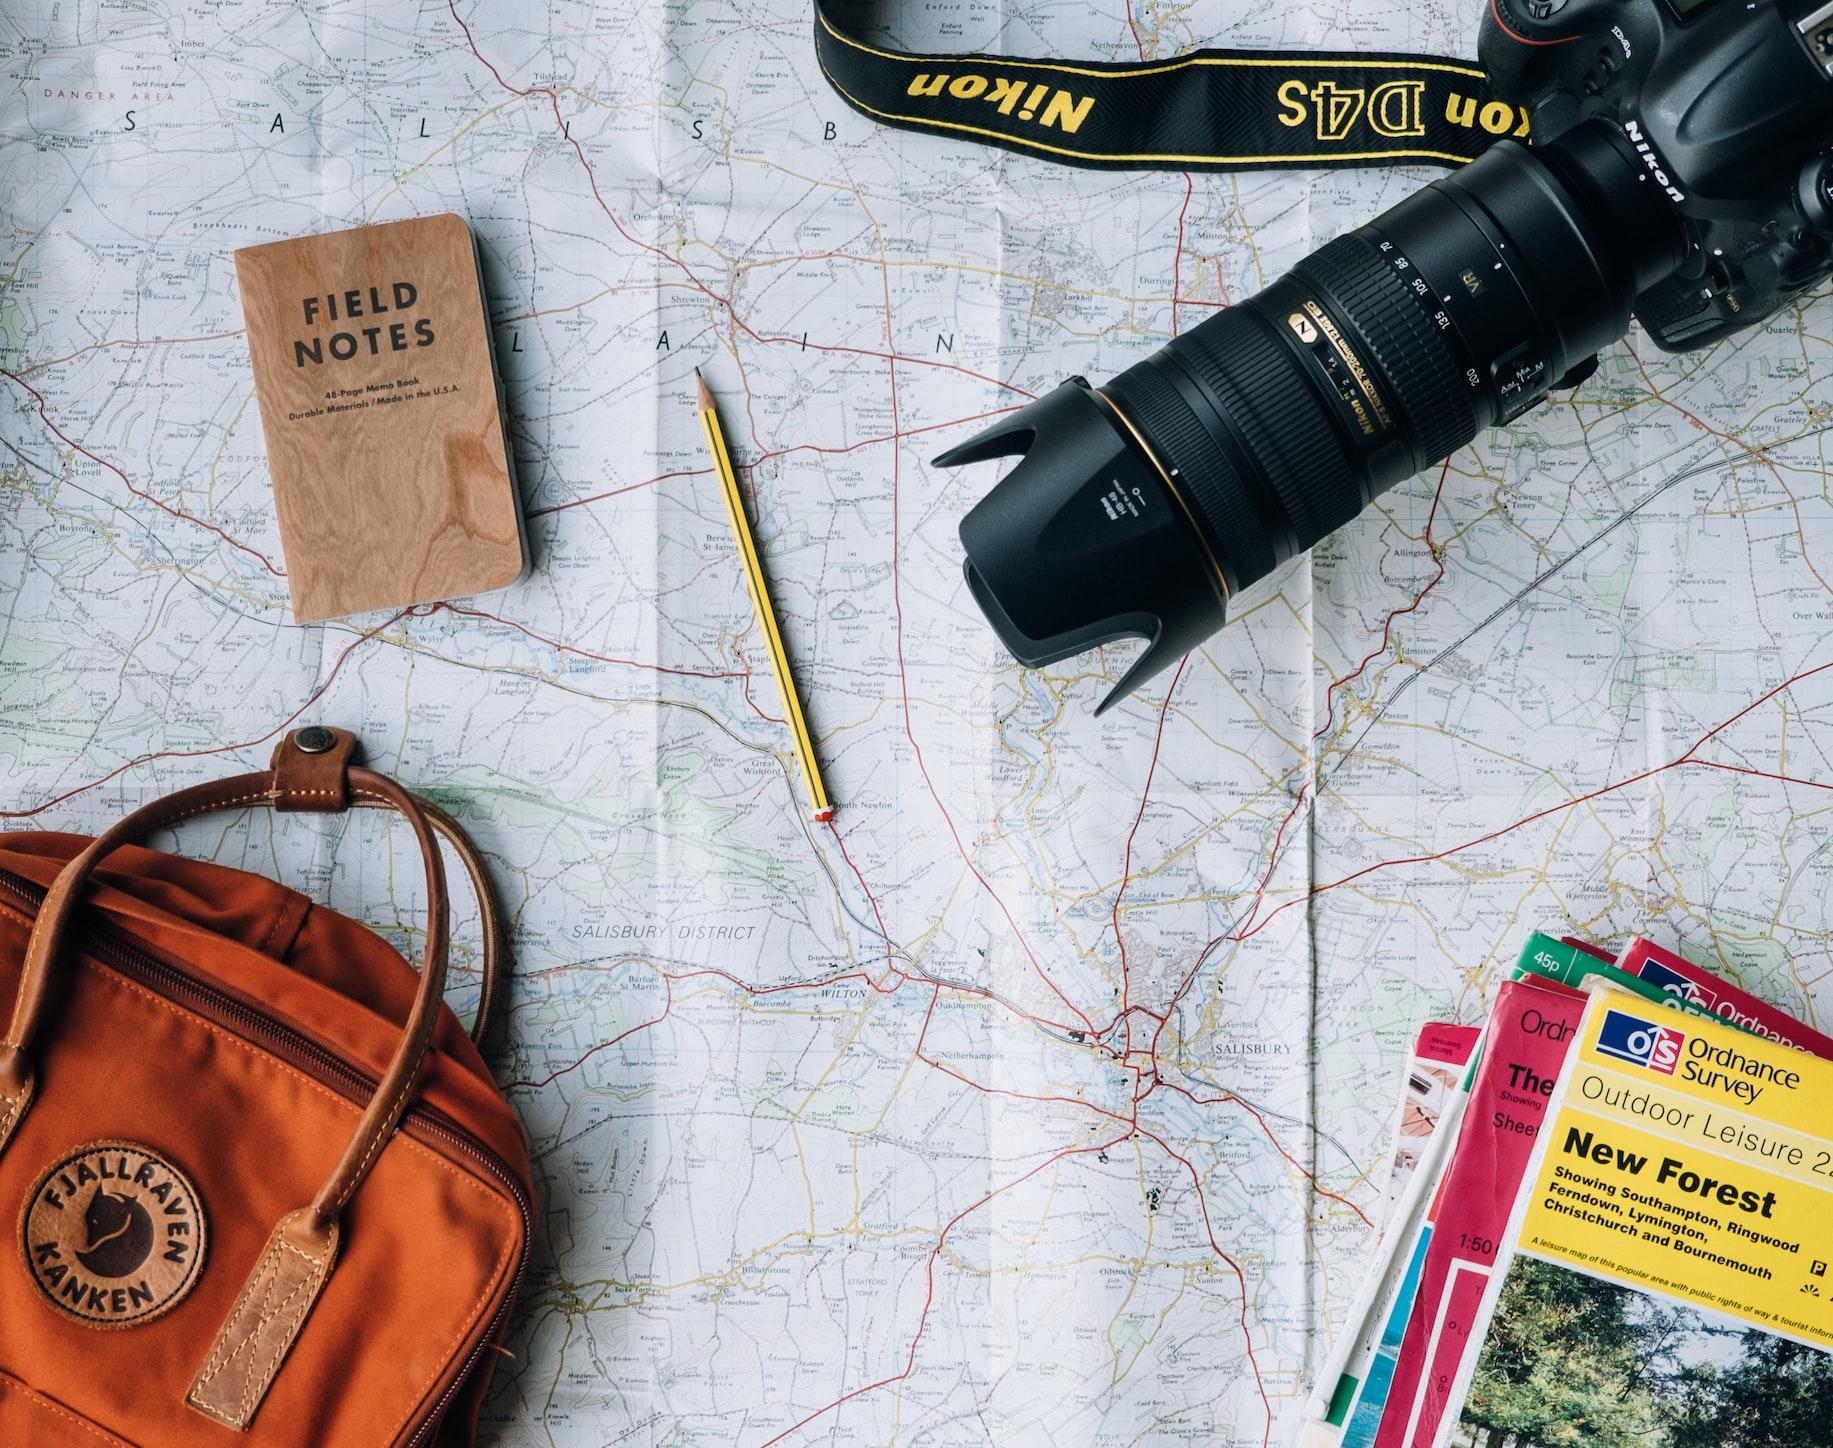 Günstig reisen: 5 Tipps zum Sparen